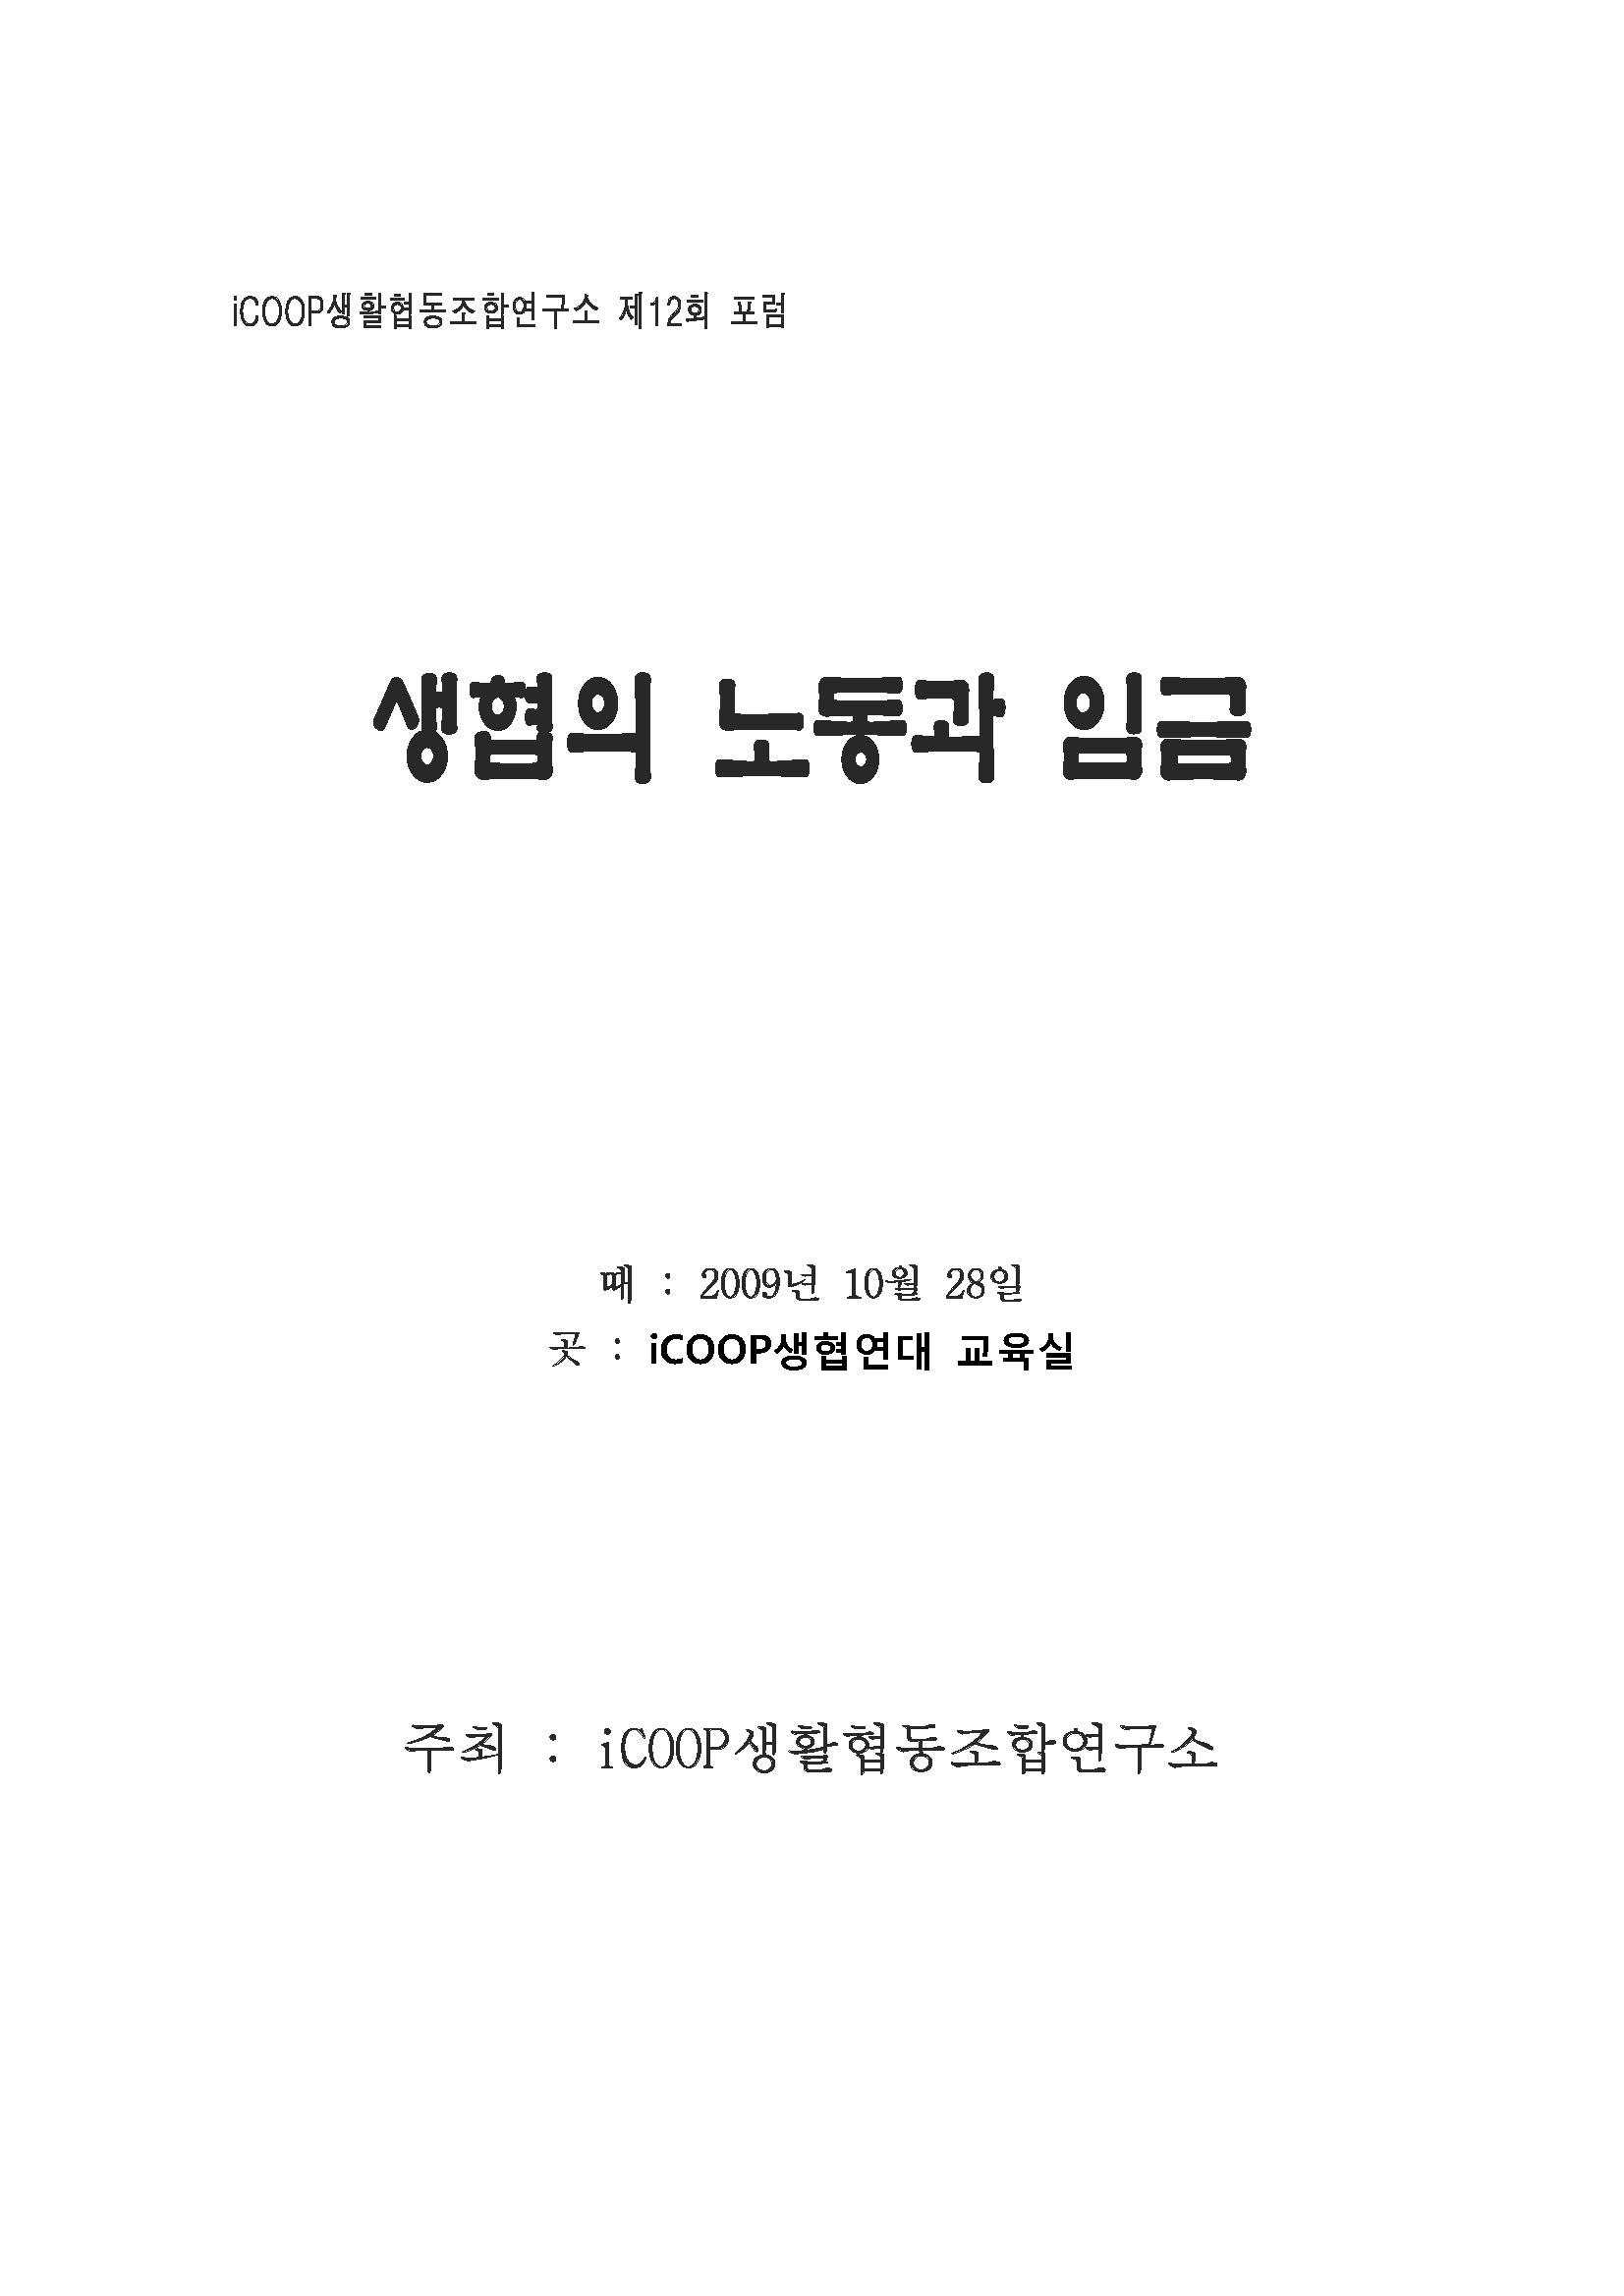 28_(제12회 포럼 자료집) 『생협의 노동과 임금』 _Page_01.jpg